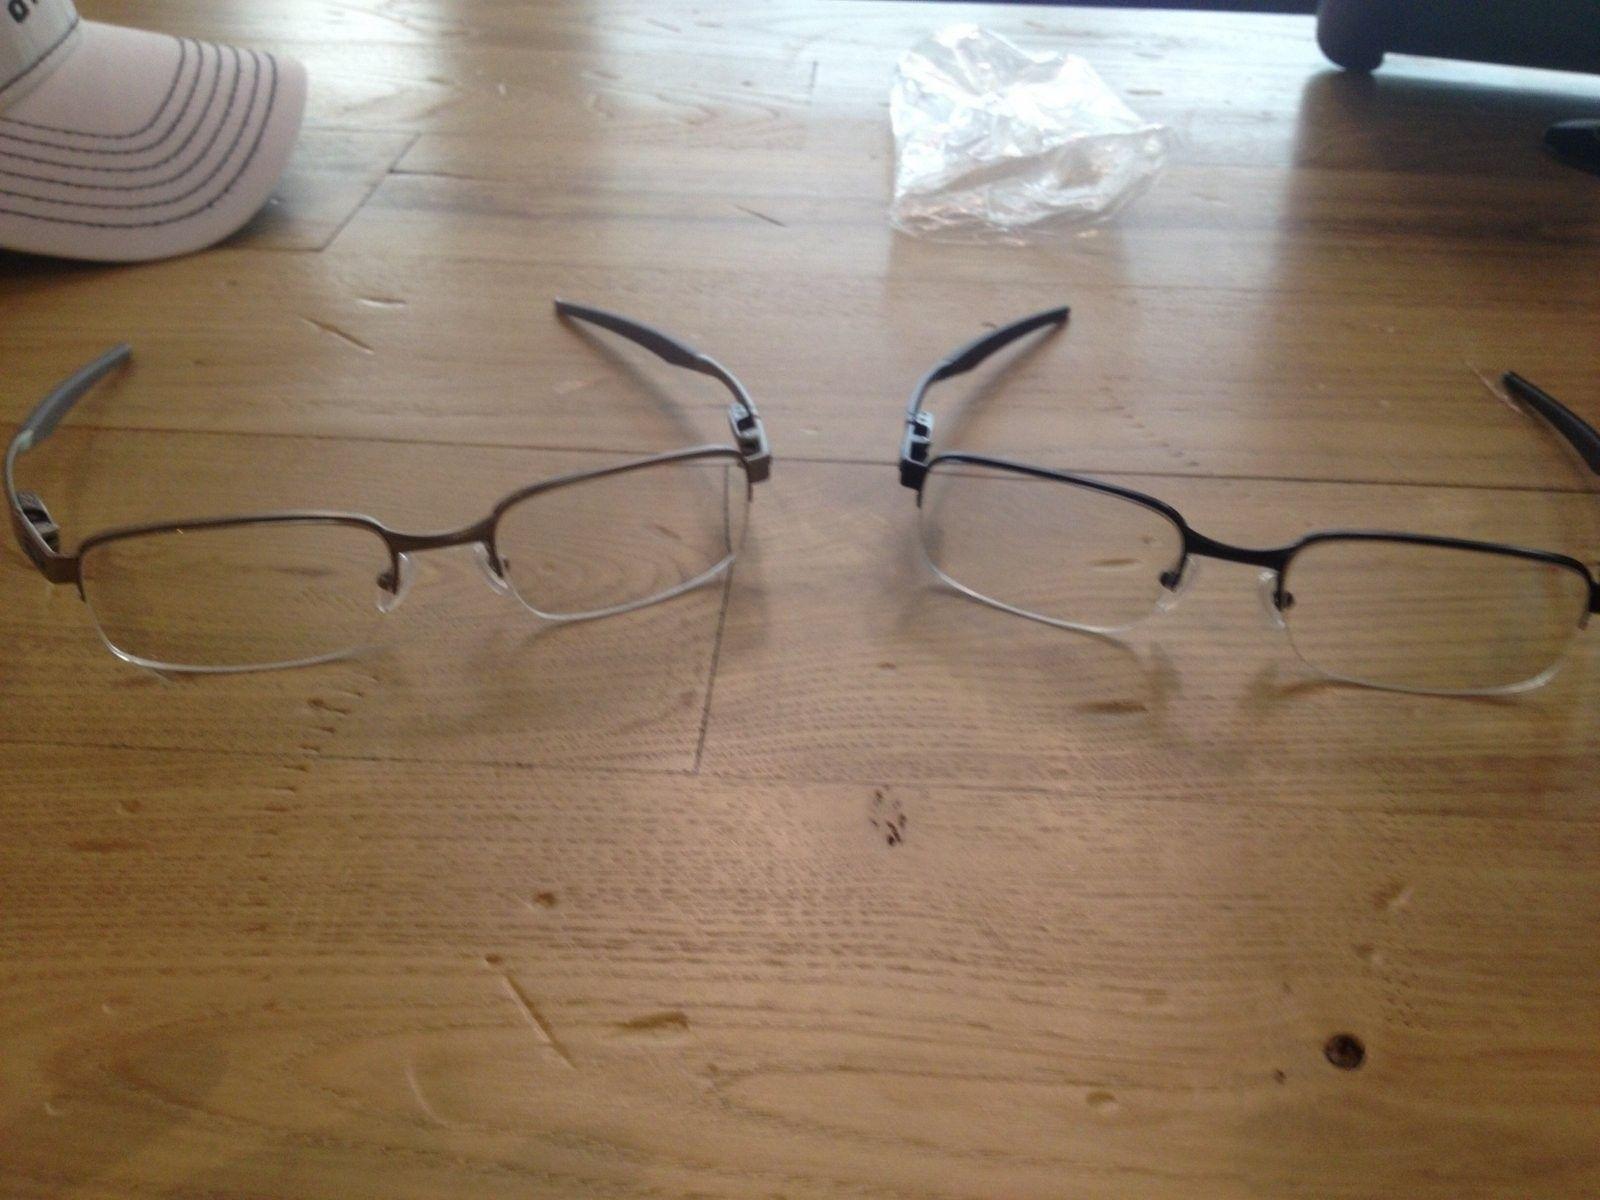 Anyone else a fan of Oakley's prescription frames? - image.jpg